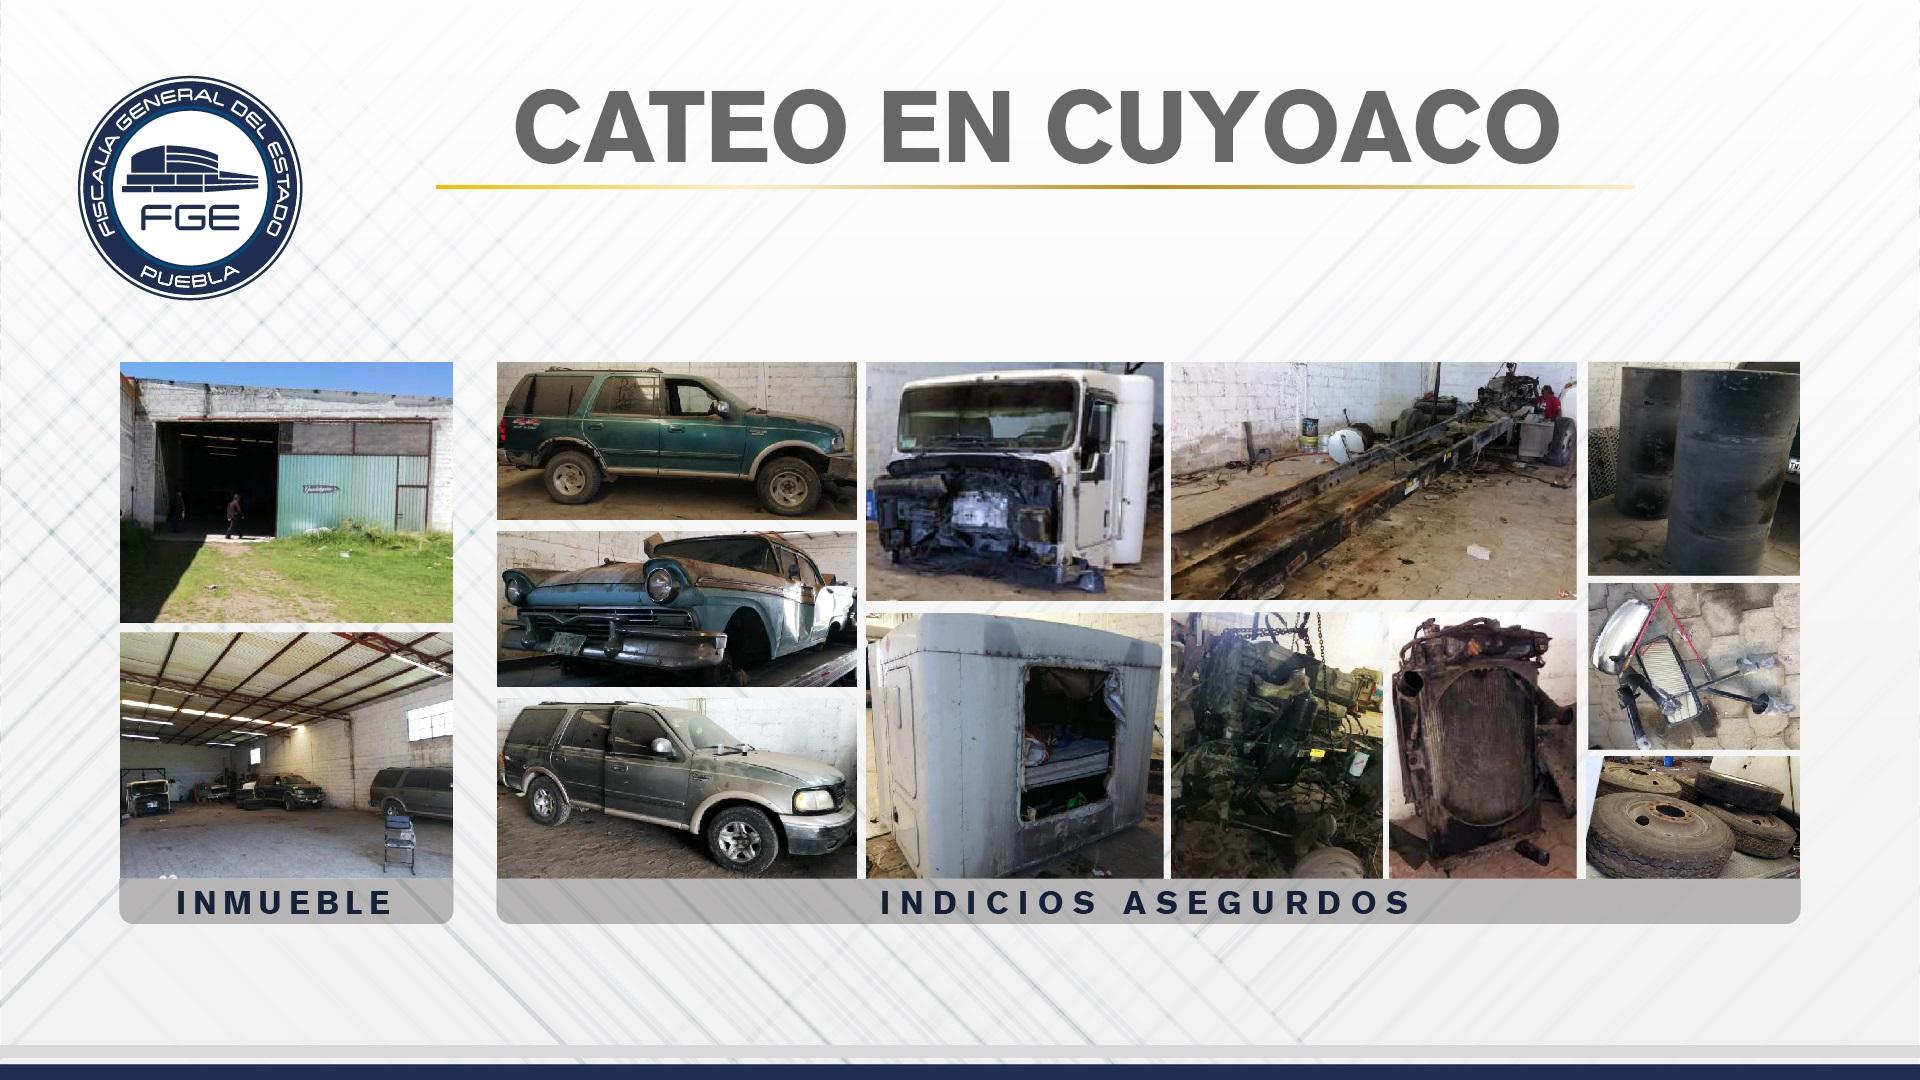 Catean domicilio en Cuyoaco y hallan vehículos y autopartes robadas